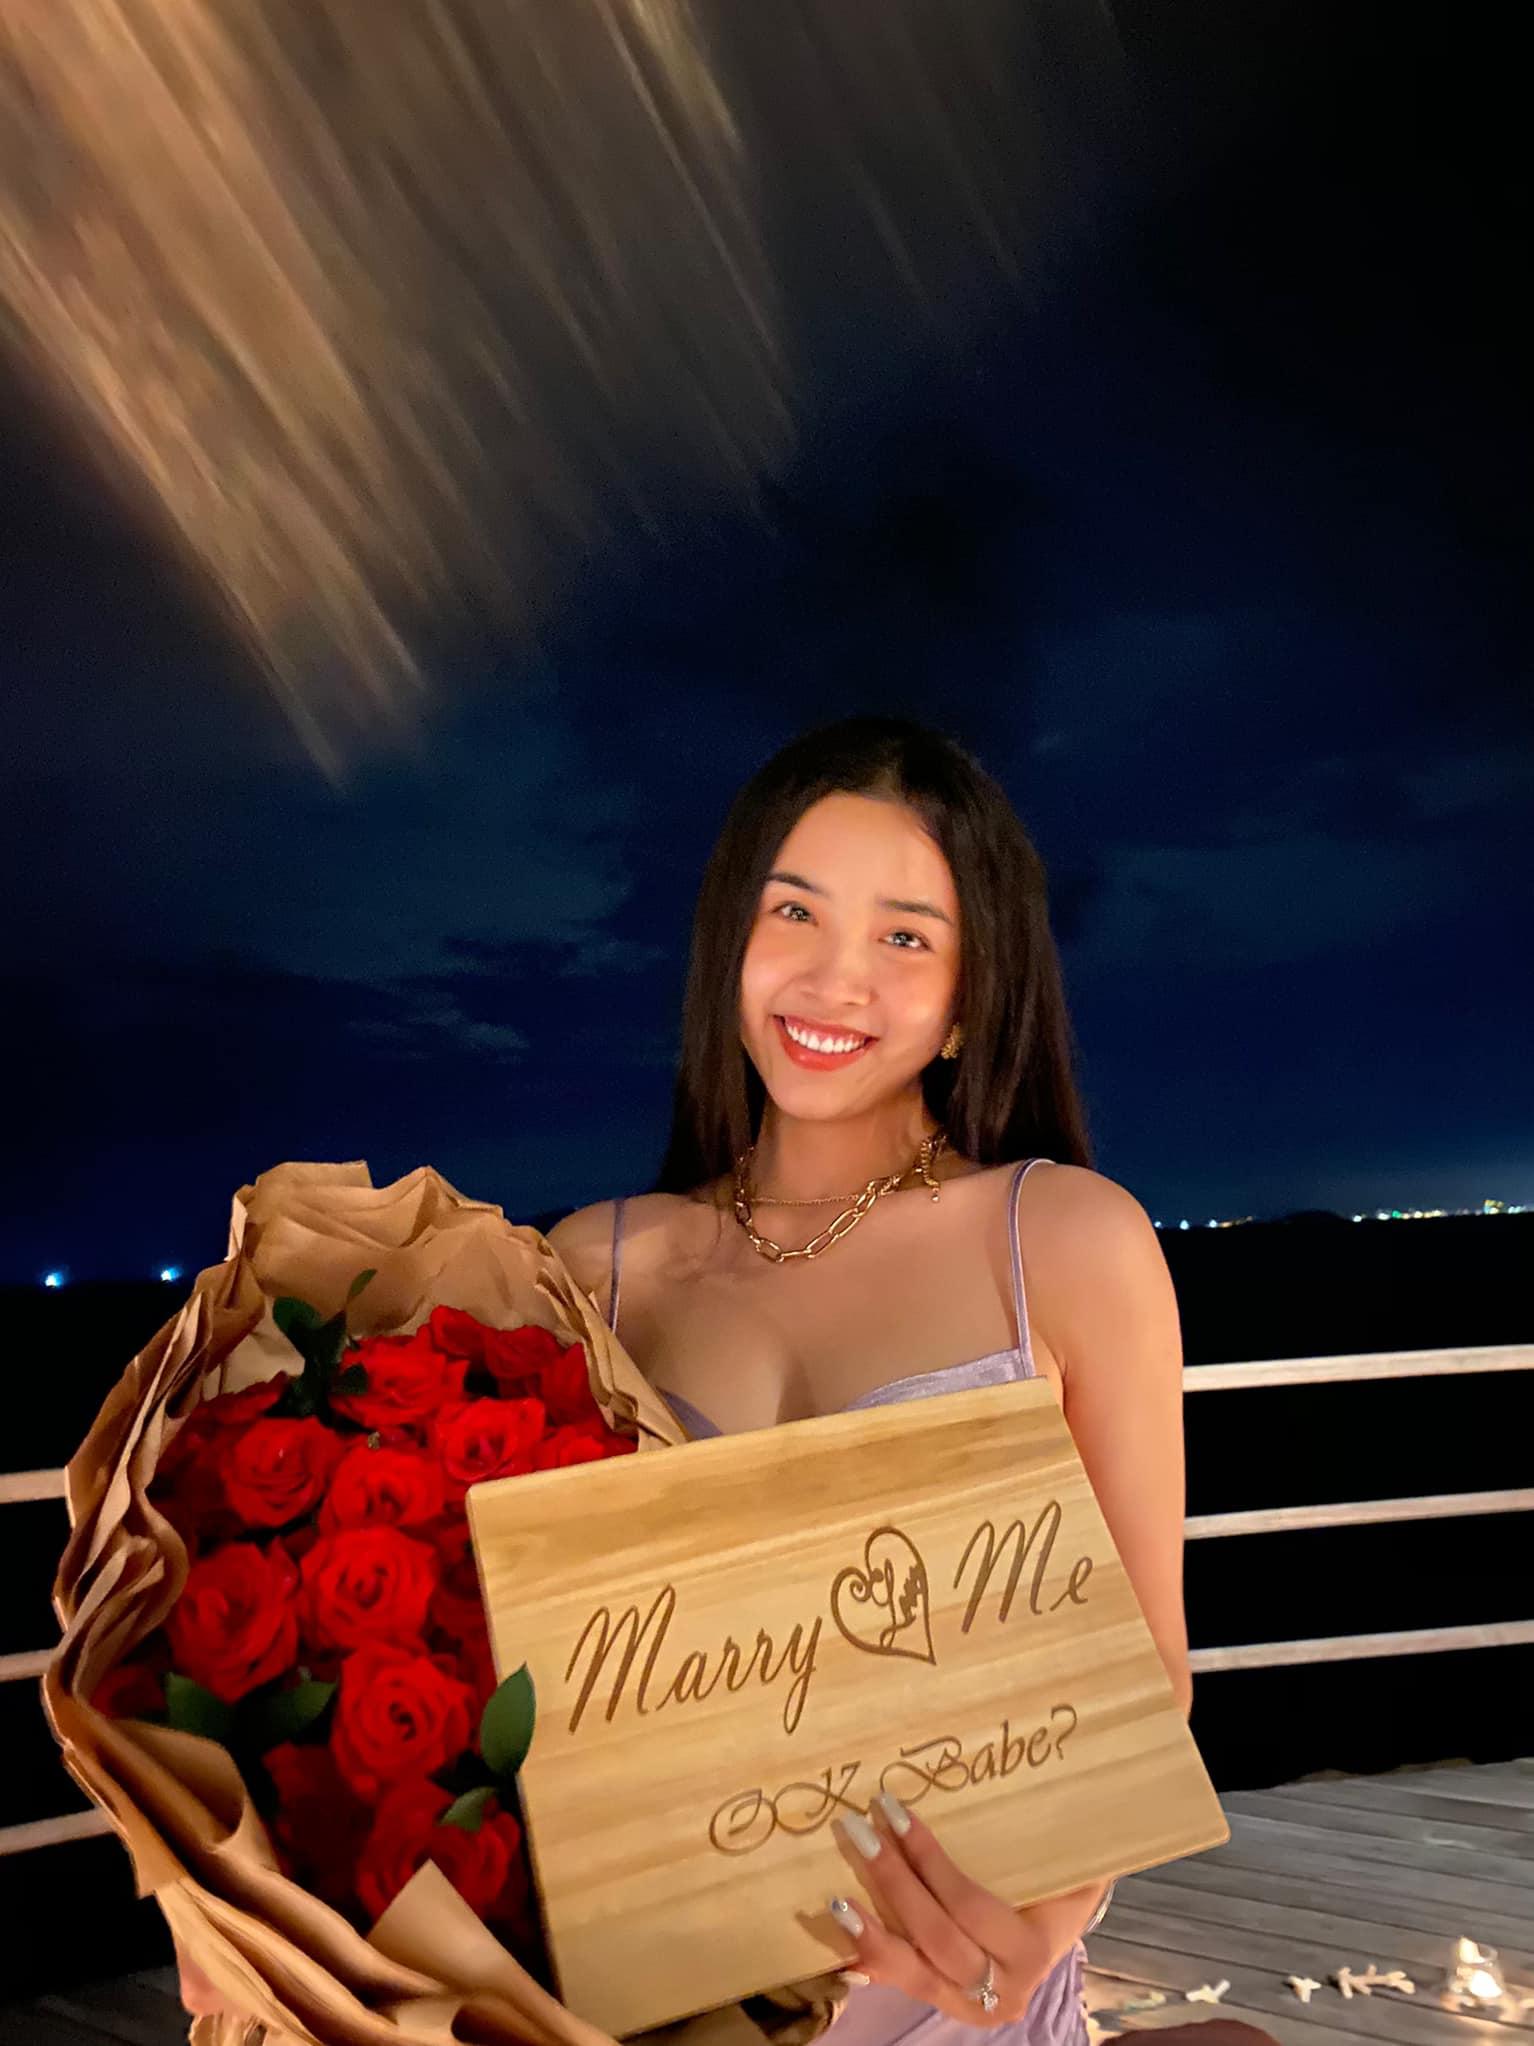 HOT: Á hậu Thuý An được bạn trai cầu hôn lãng mạn sau 3 năm hẹn hò kín tiếng, gần hết nhiệm kỳ đã có tin vui - Hình 3